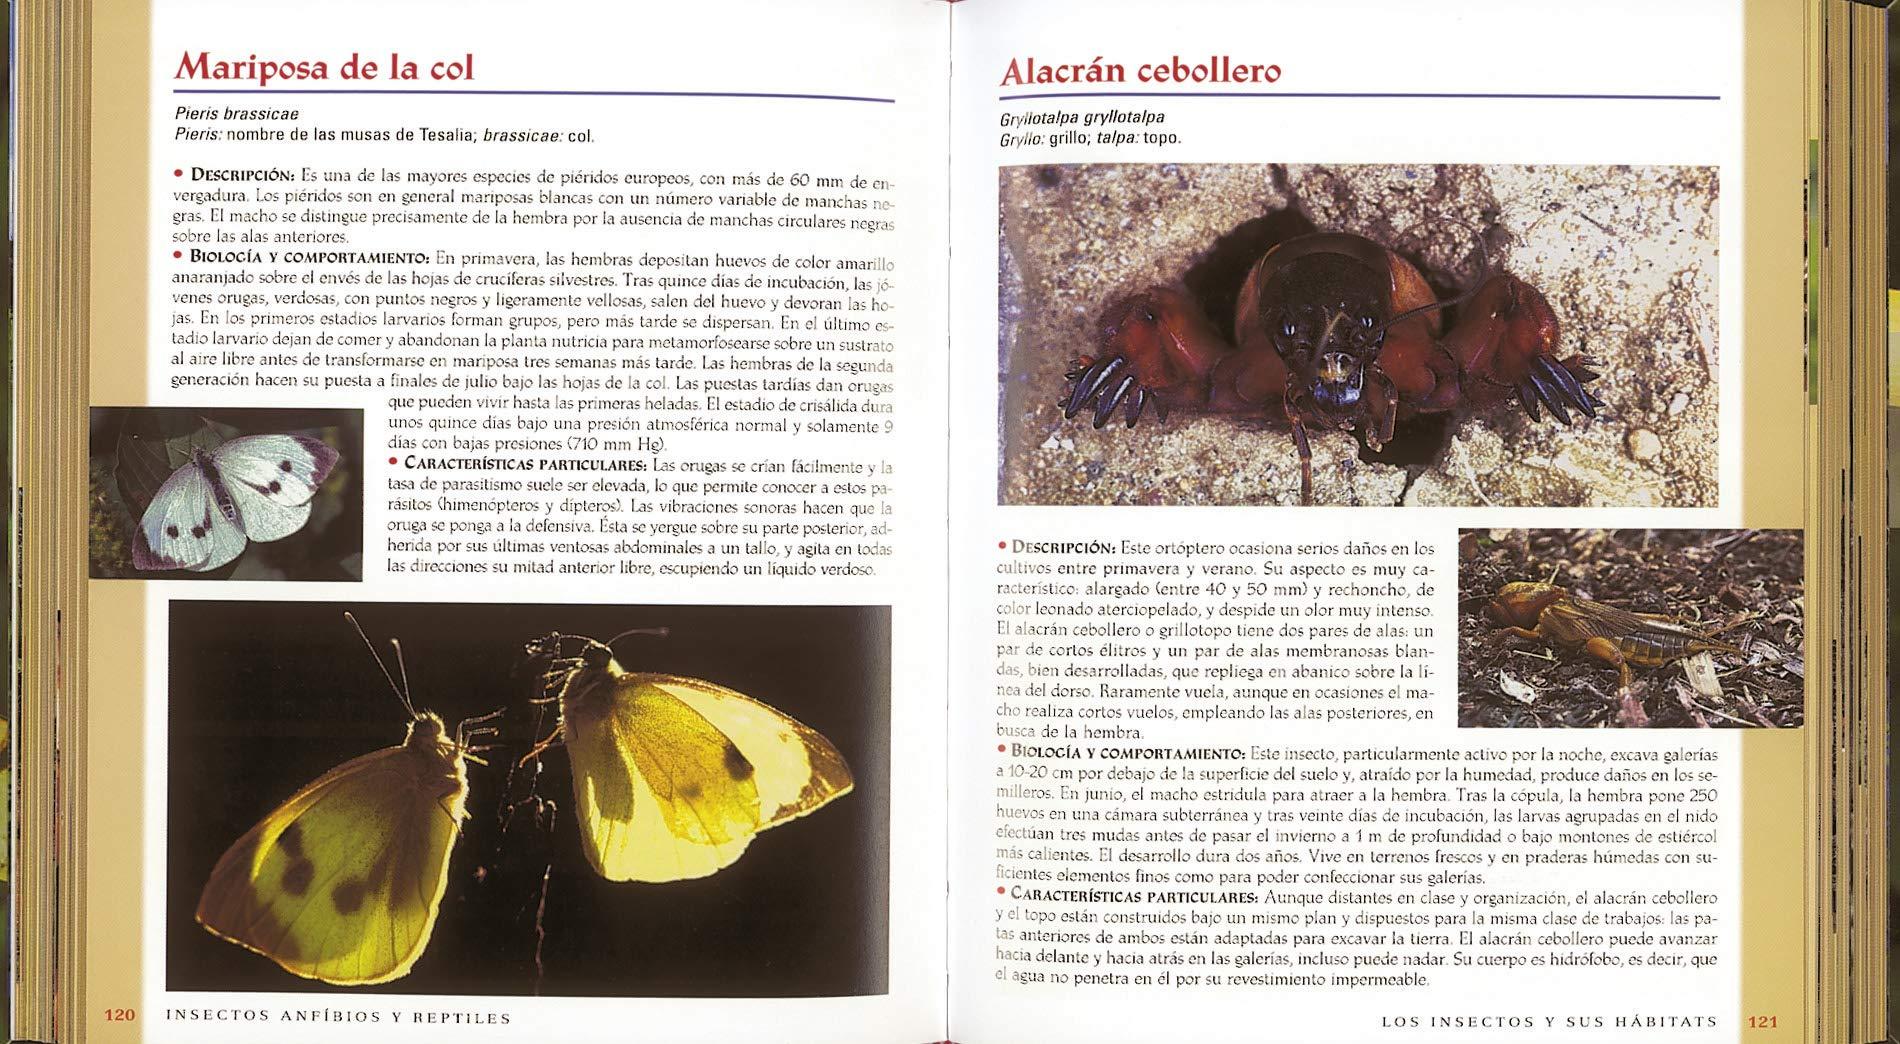 Insectos, Anfibios y Reptiles (Vida verde): Amazon.es: Varios Autores: Libros